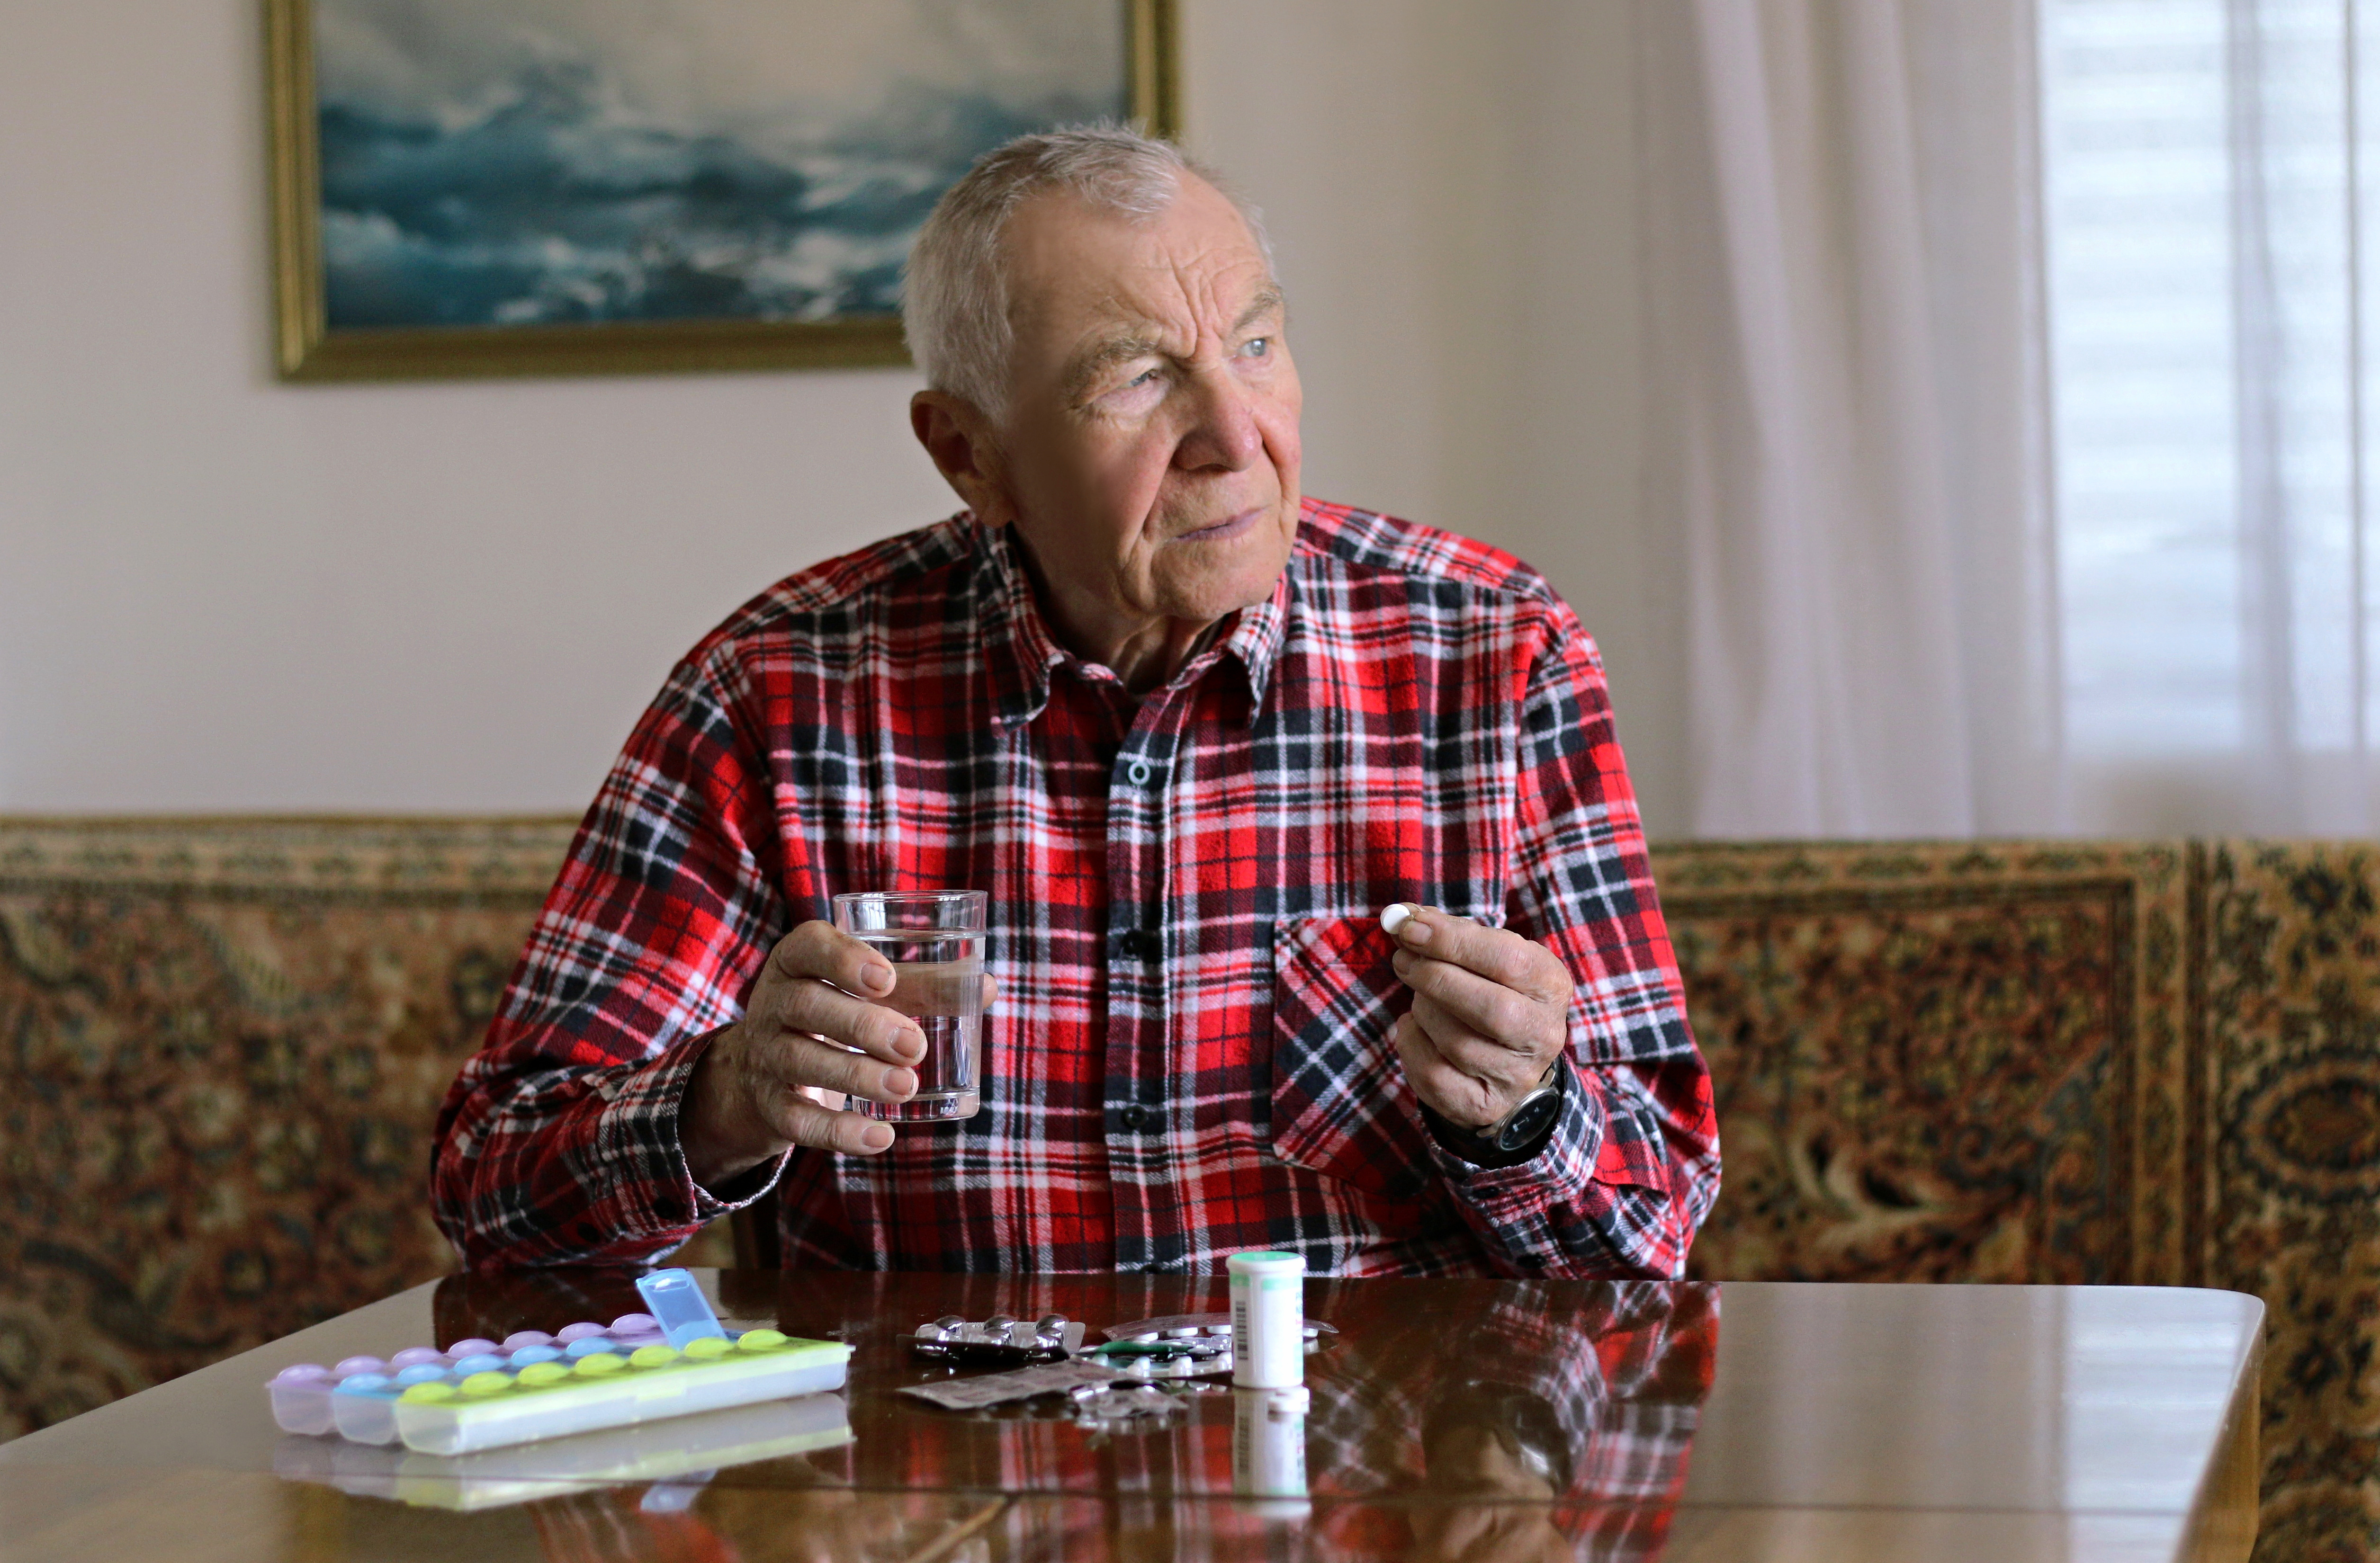 Ju tidigare behandling med blodförtunnande startades efter diagnos av förmaksflimmer, desto större var den skyddande effekten mot demens.